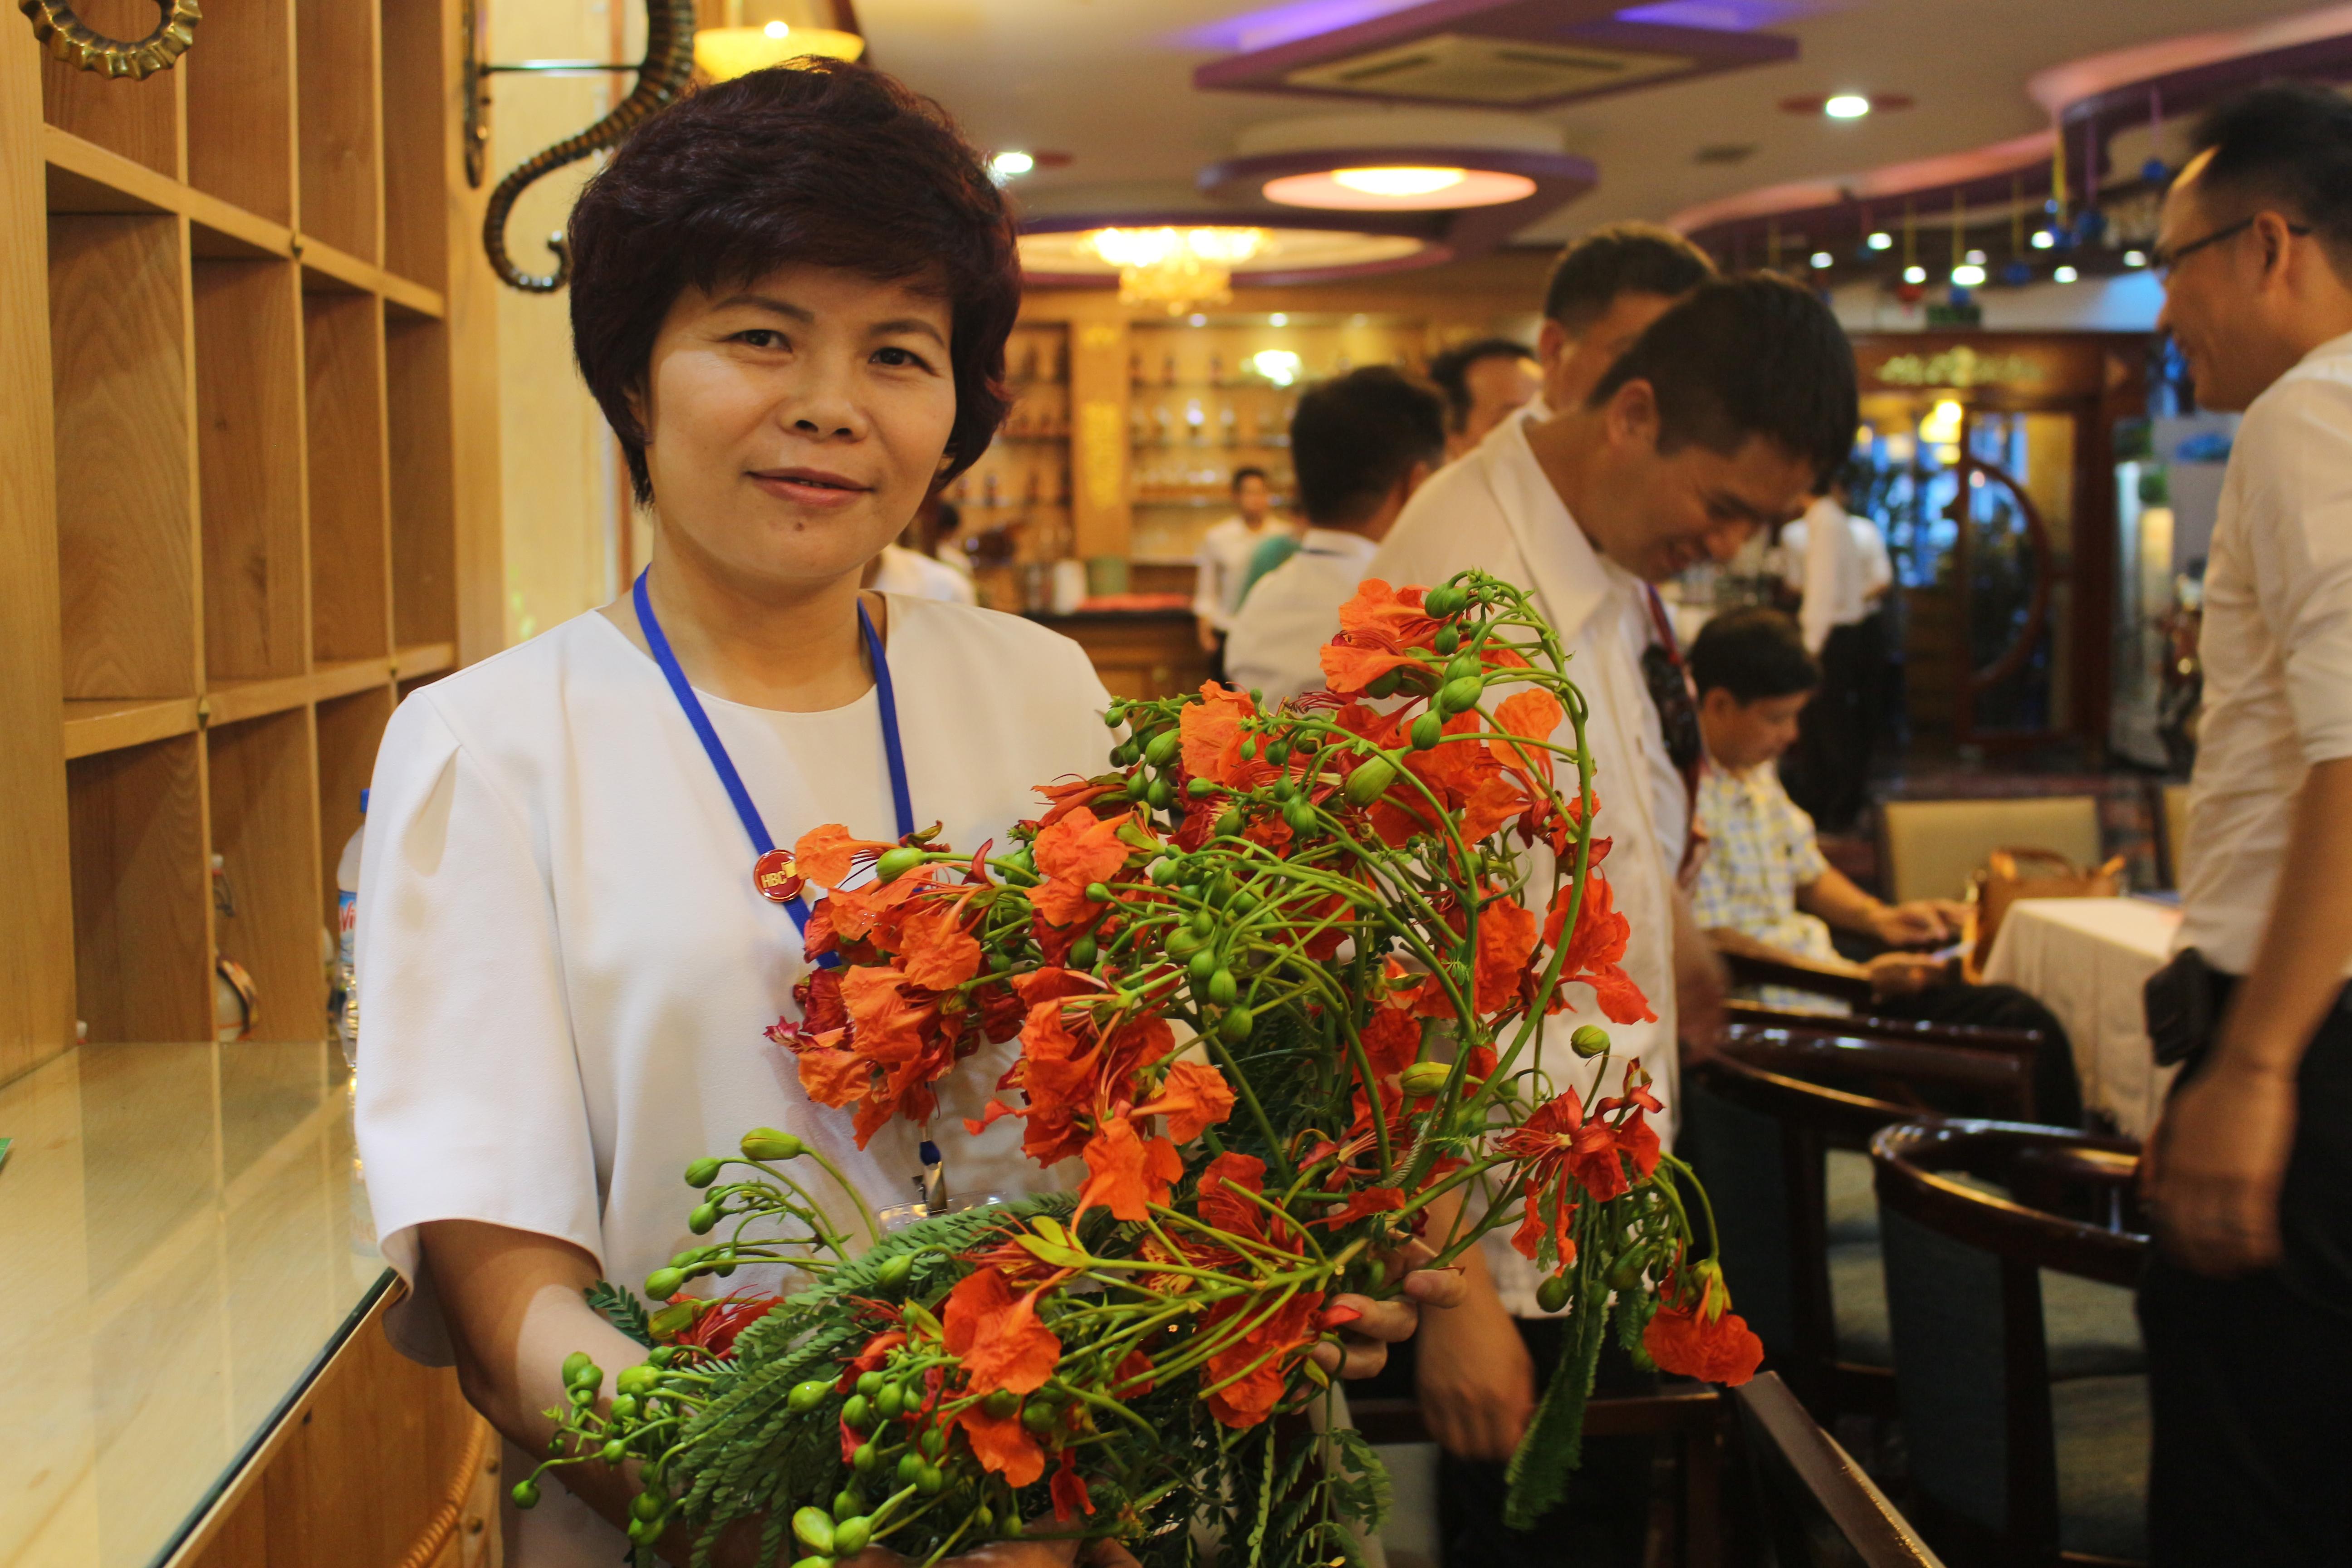 Bà Trương Thị Hạnh Số 26C An Trì, Phường Hùng Vương, Quận Hồng Bàng, Thành phố Hải Phòng